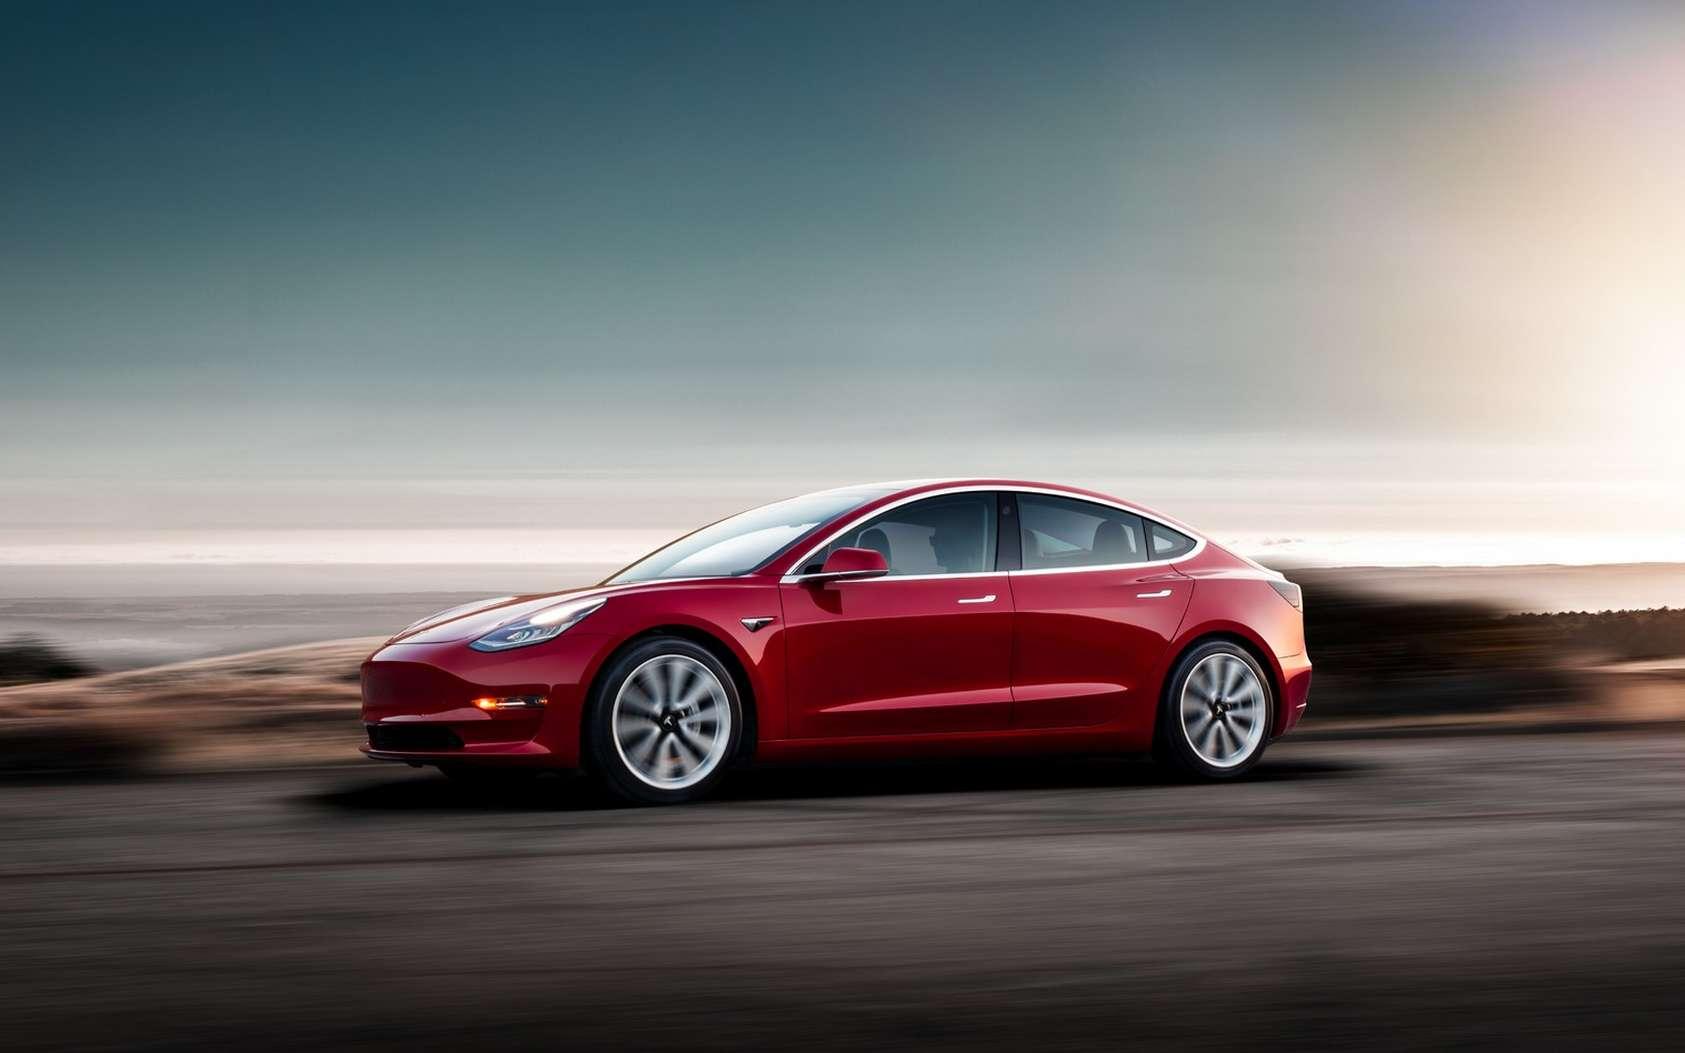 La Tesla Model 3 équipée de la nouvelle batterie lithium-fer-phosphate est réservée au marché chinois. © Tesla